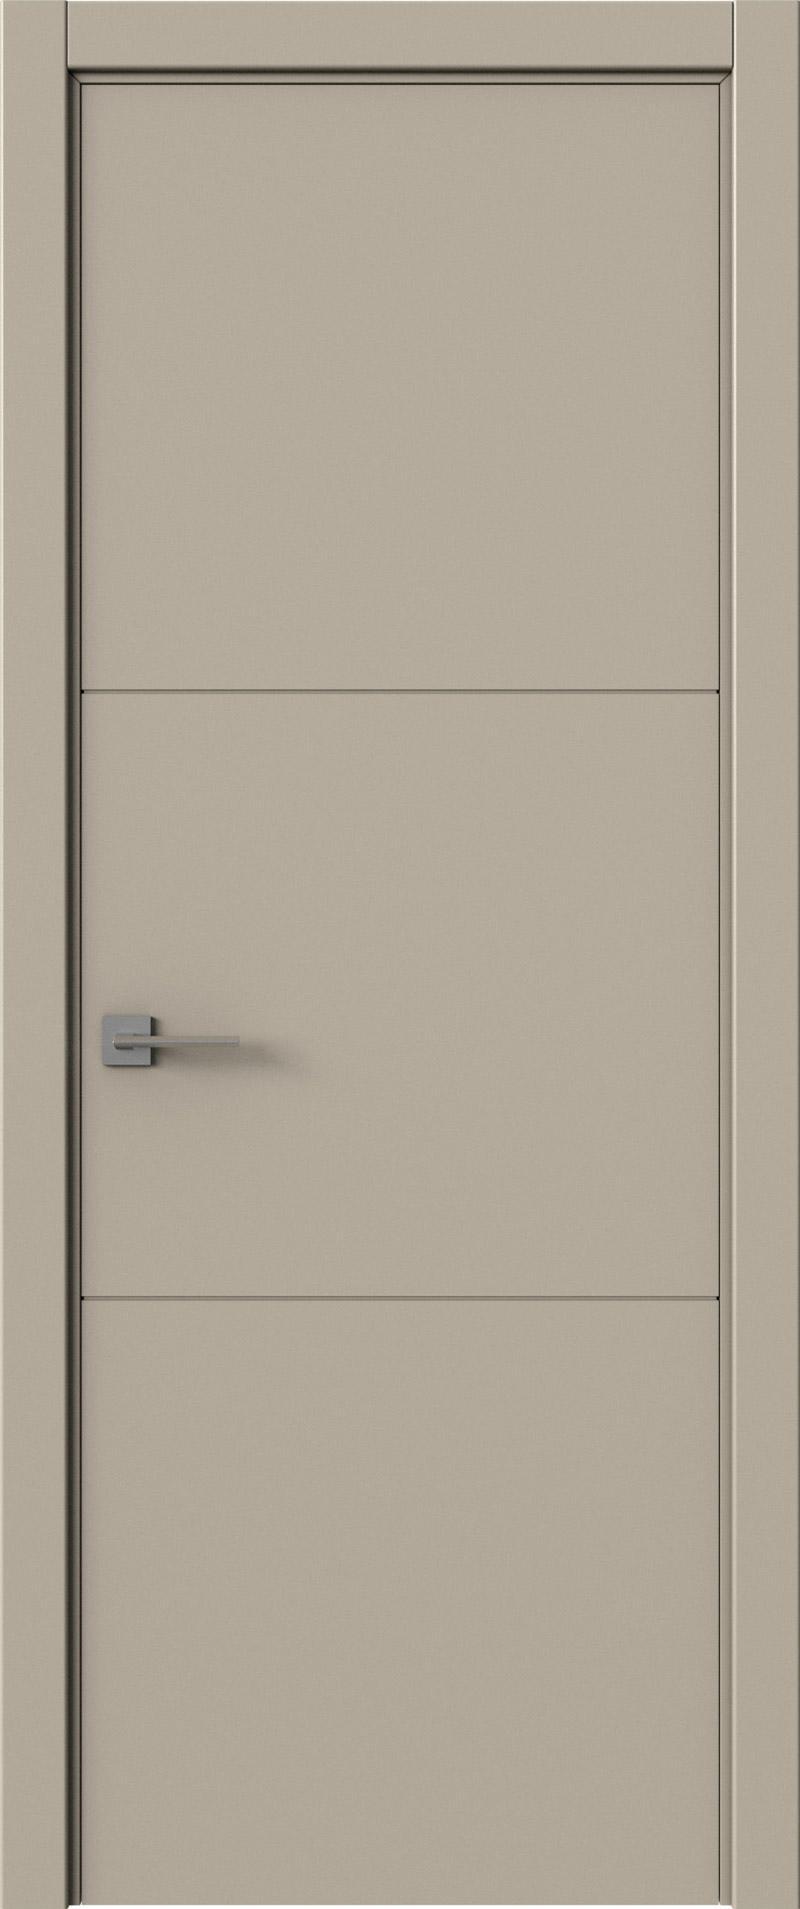 Tivoli В-2 цвет - Серо-оливковая эмаль (RAL 7032) Без стекла (ДГ)